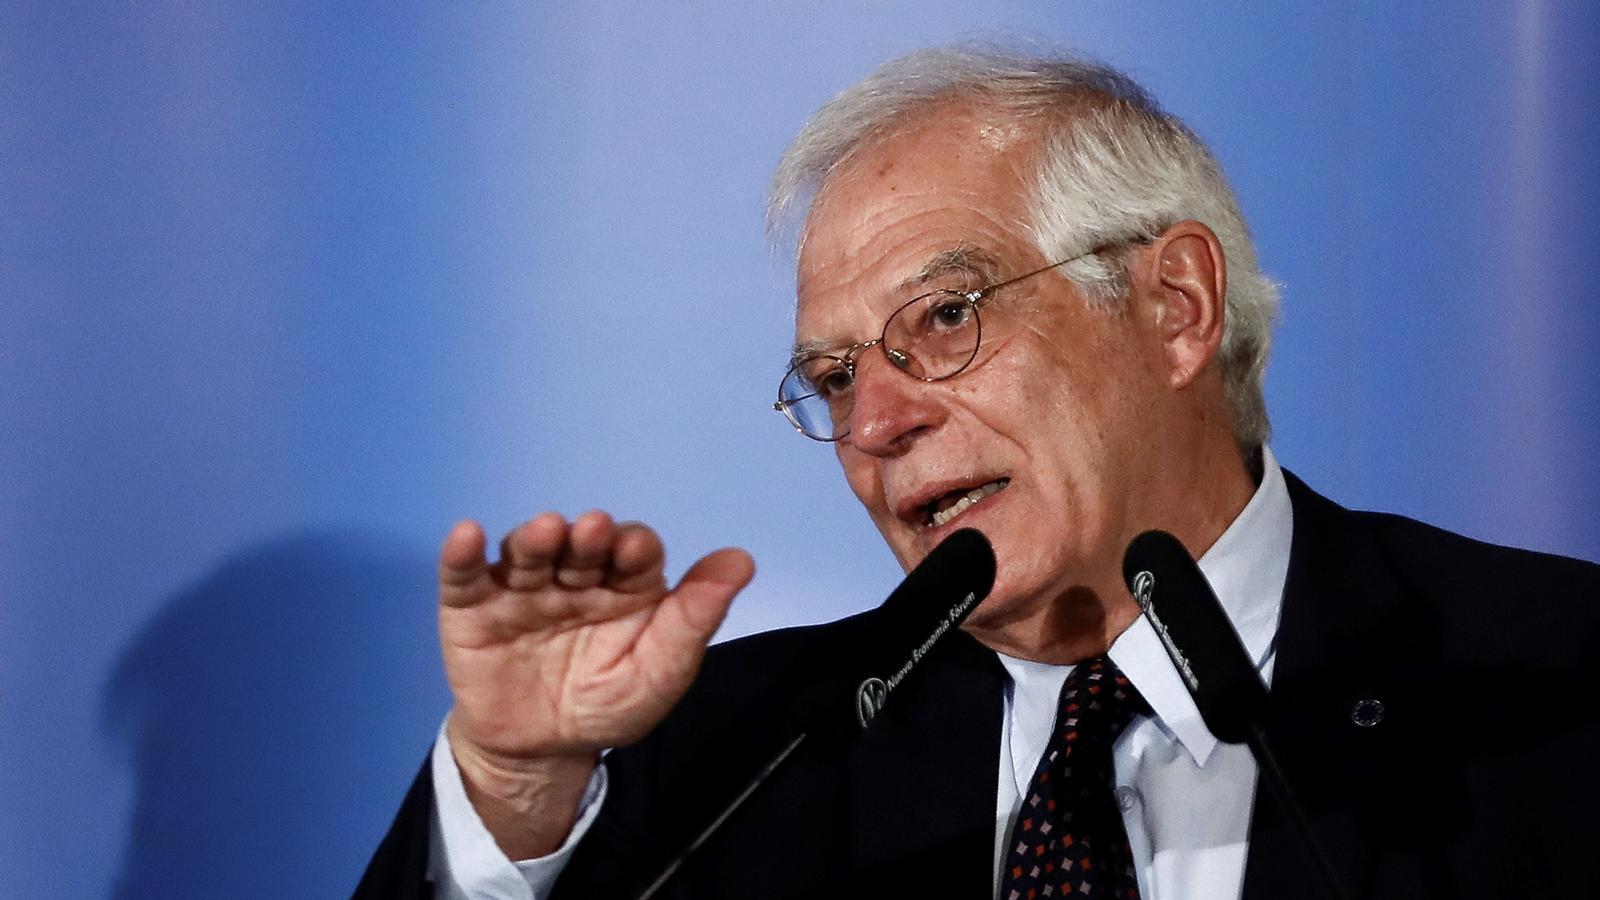 L'anàlisi d'Antoni Bassas: 'Borrell: si la imatge d'Espanya està danyada no és pel relat, és pels fets'